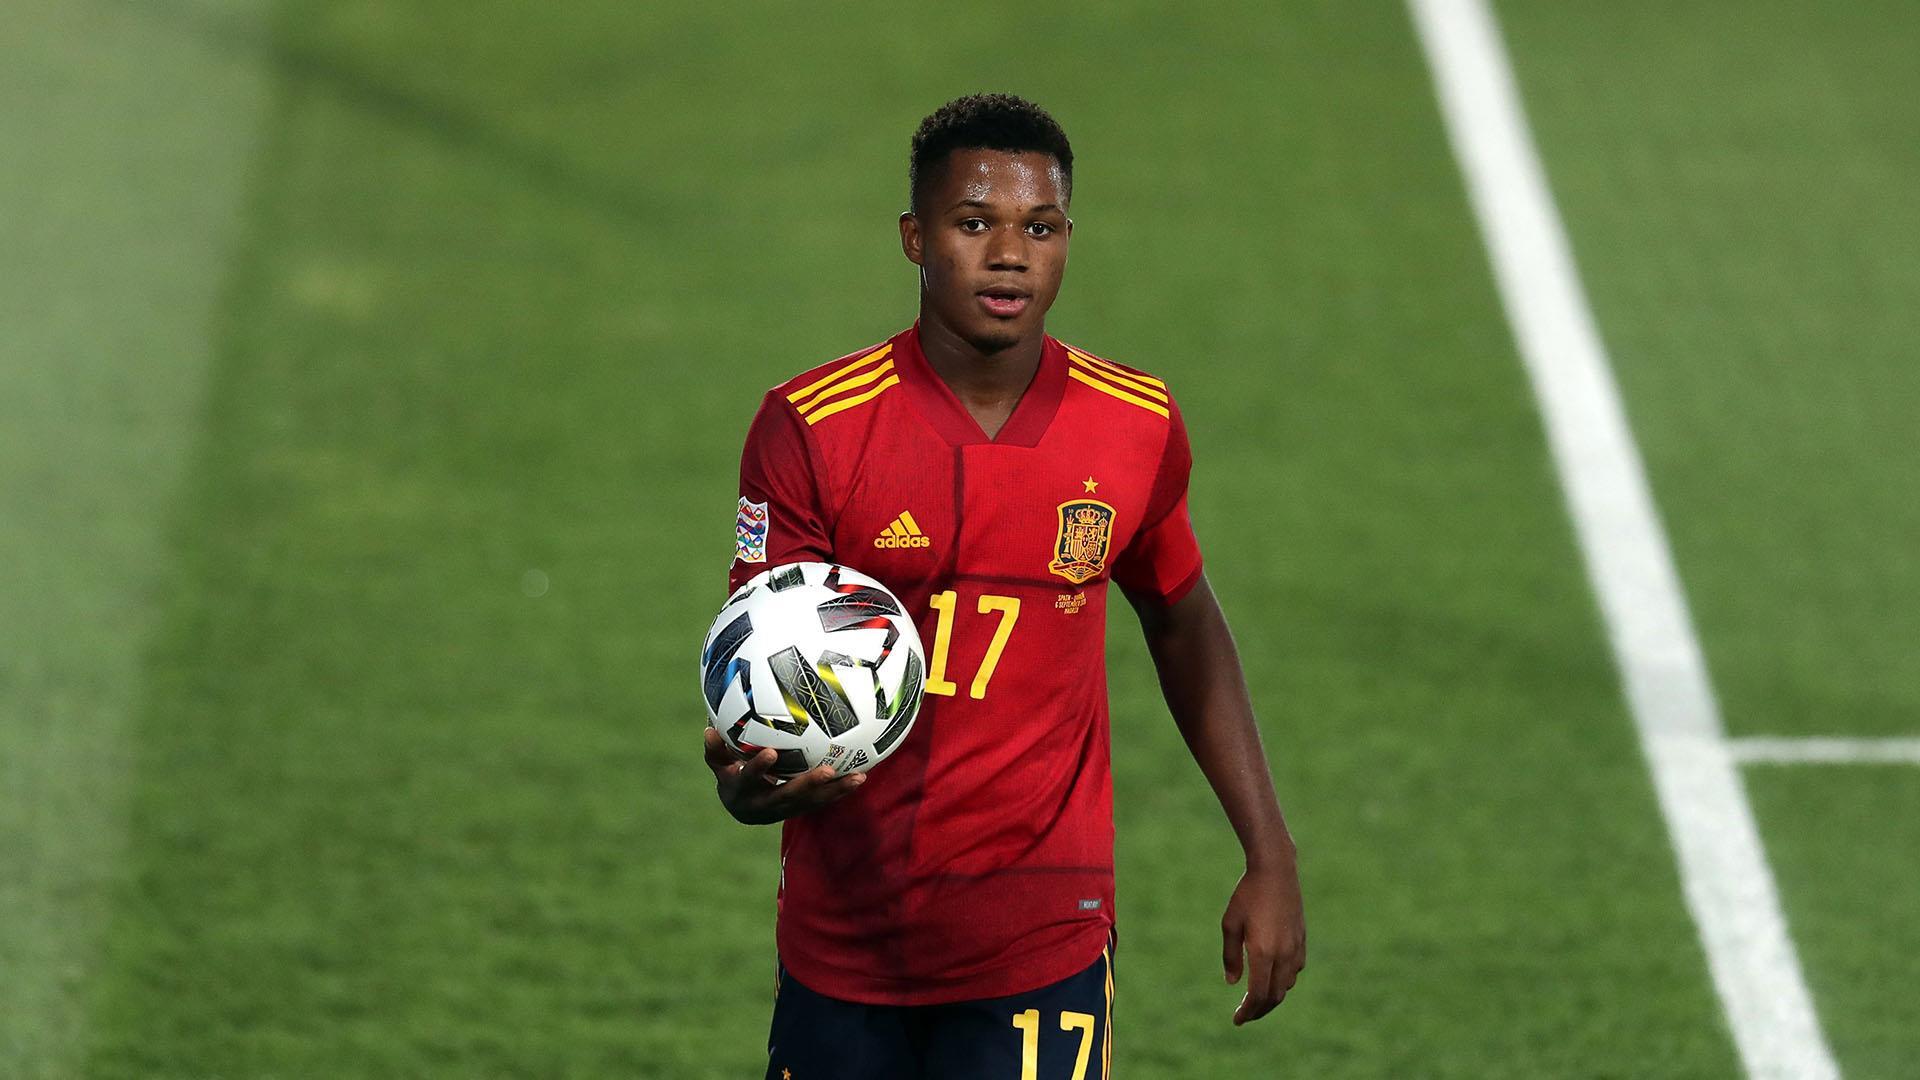 Ansu Fati jogando pela seleção da Espanha na Liga das Nações da UEFA 2020–2021 (Foto: Gonzalo Arroyo Moreno/Getty Images/Onefootball)